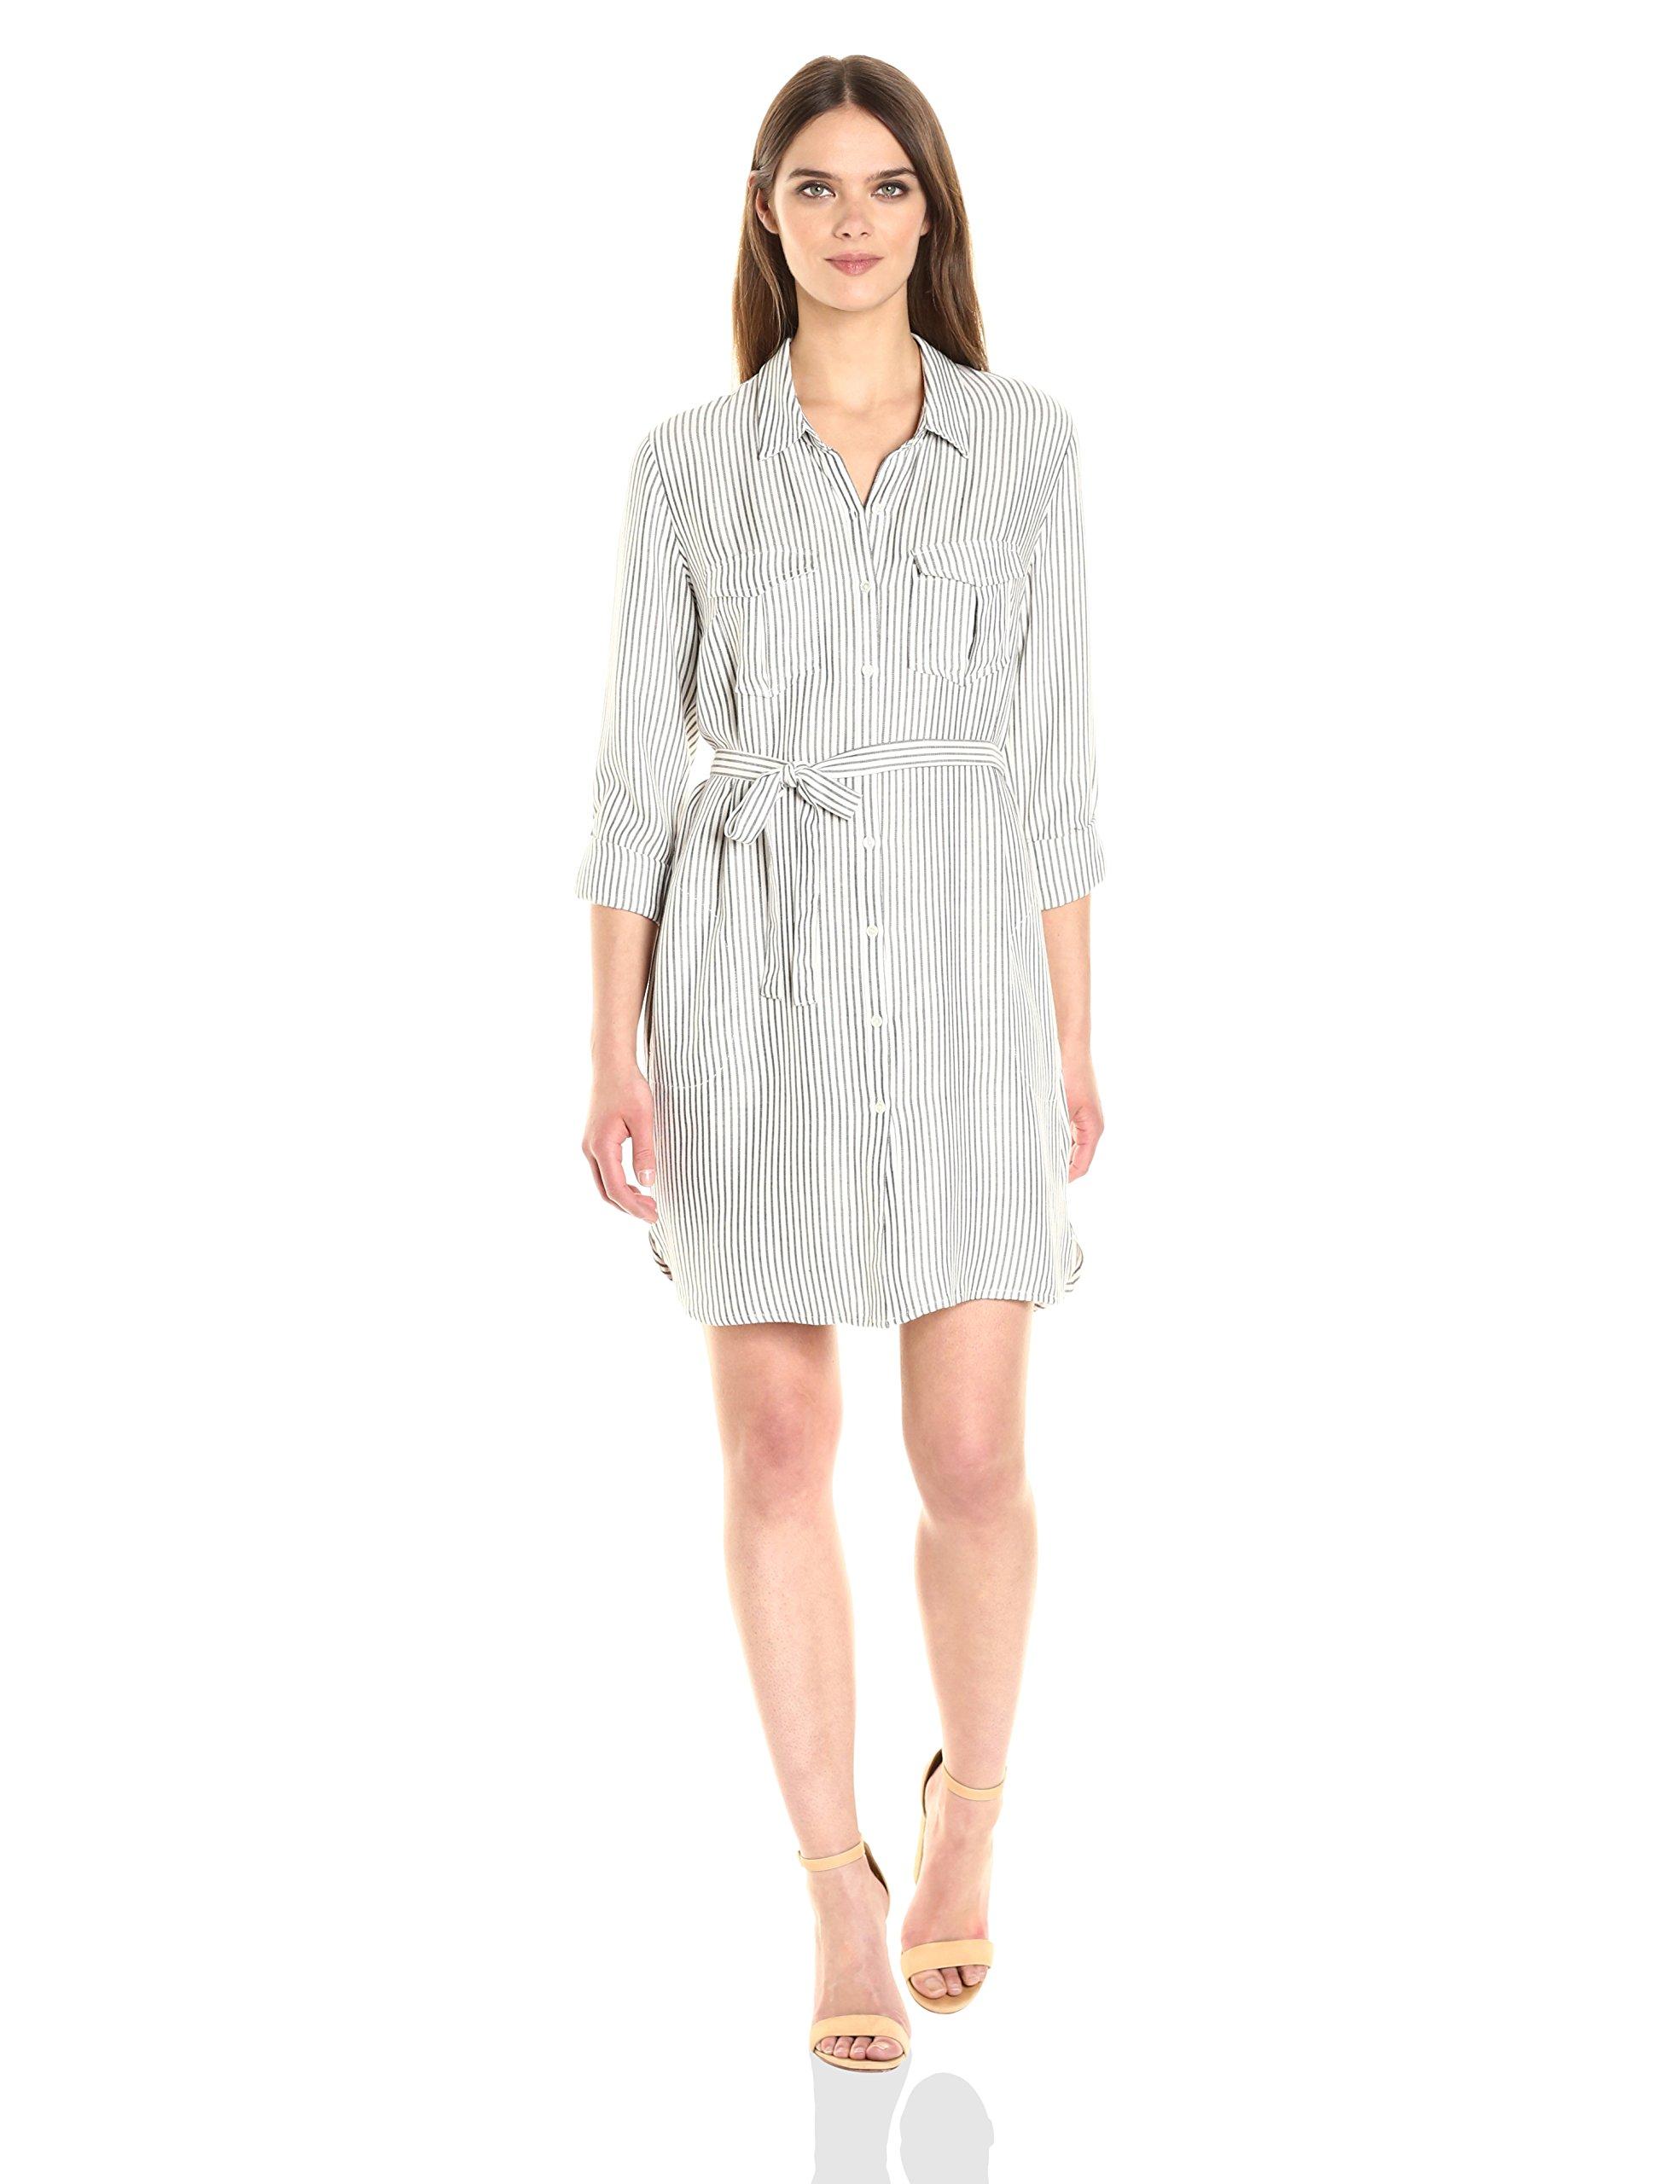 Joie Women's Wila B Dress, Porcelain/Caviar, M